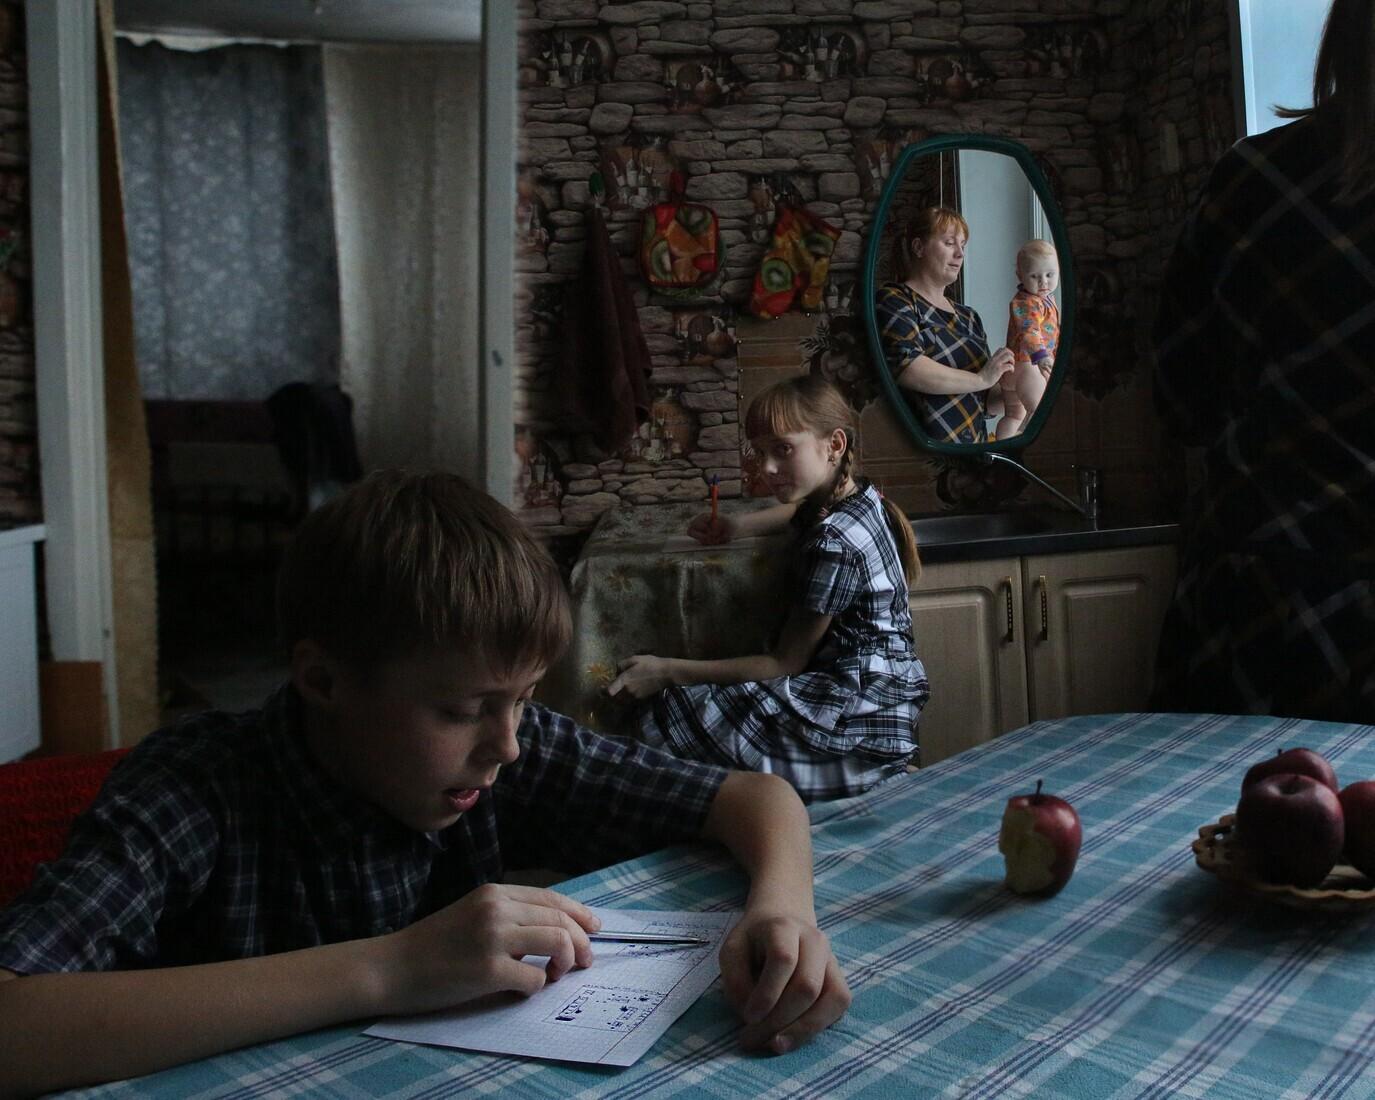 Финалист в номинации «Многоликая Россия», 2021. «Морской бой». Автор Юлия Кононенко